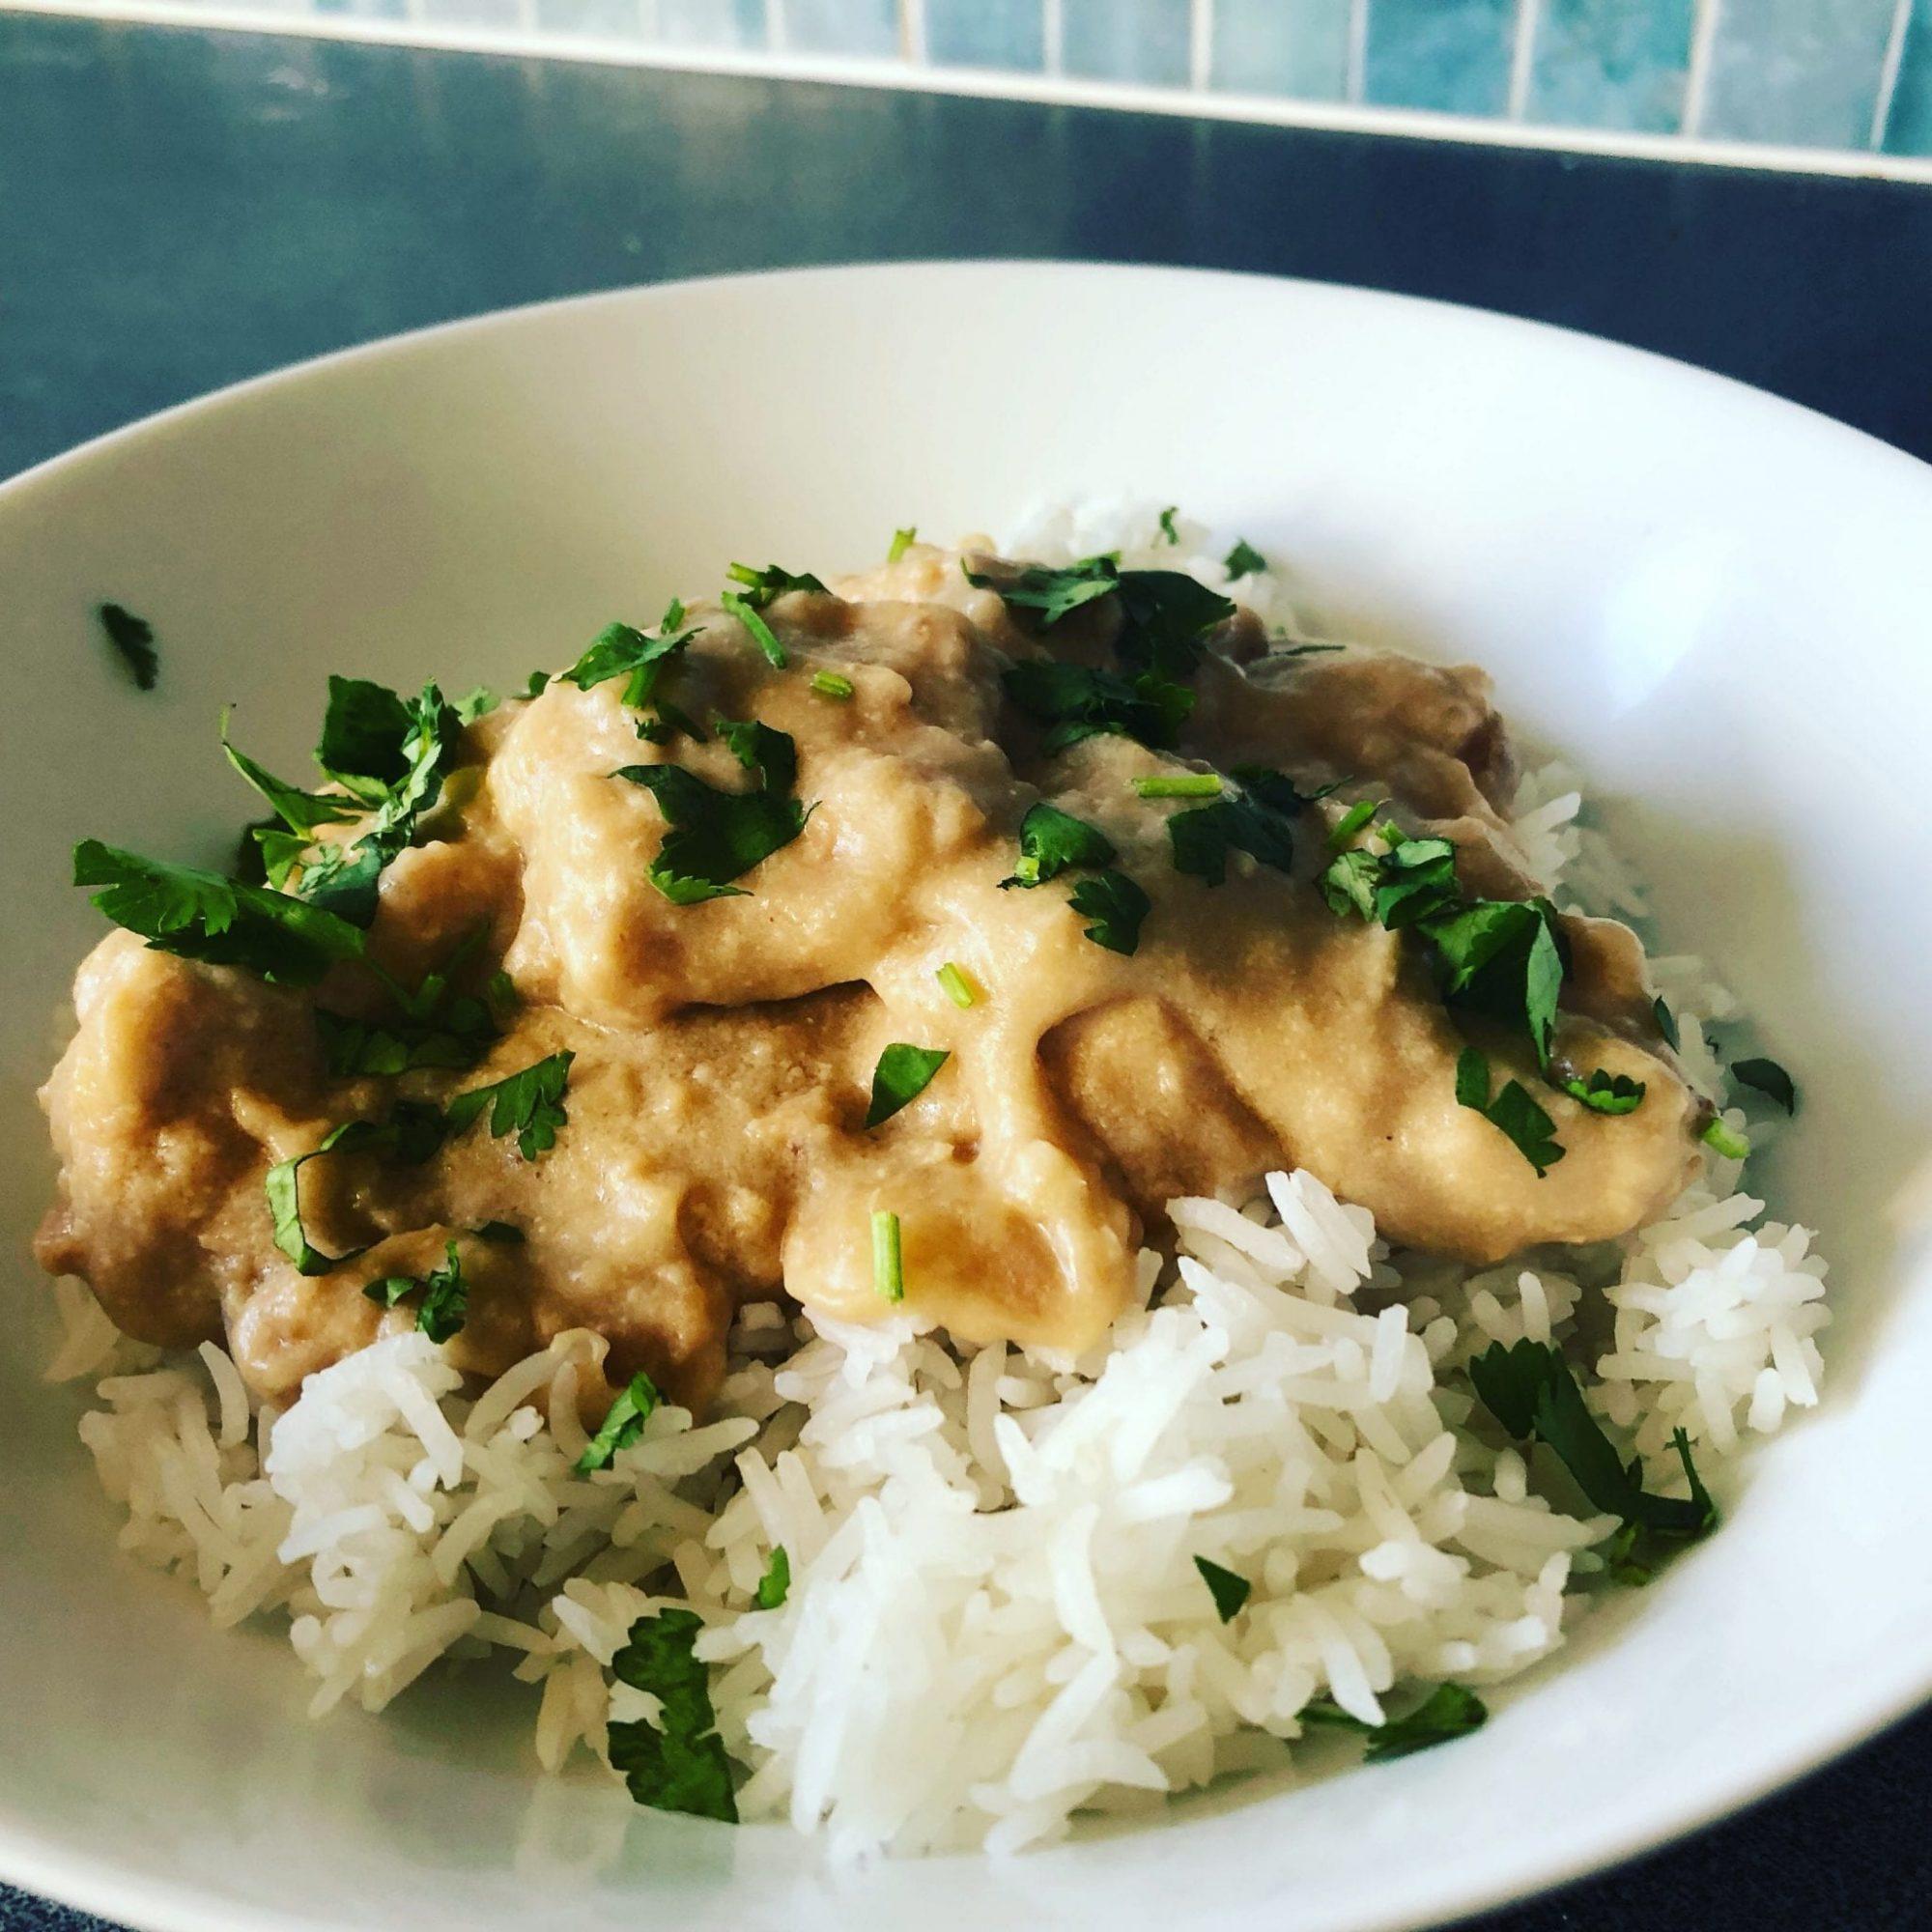 Thai peanut chicken with rice